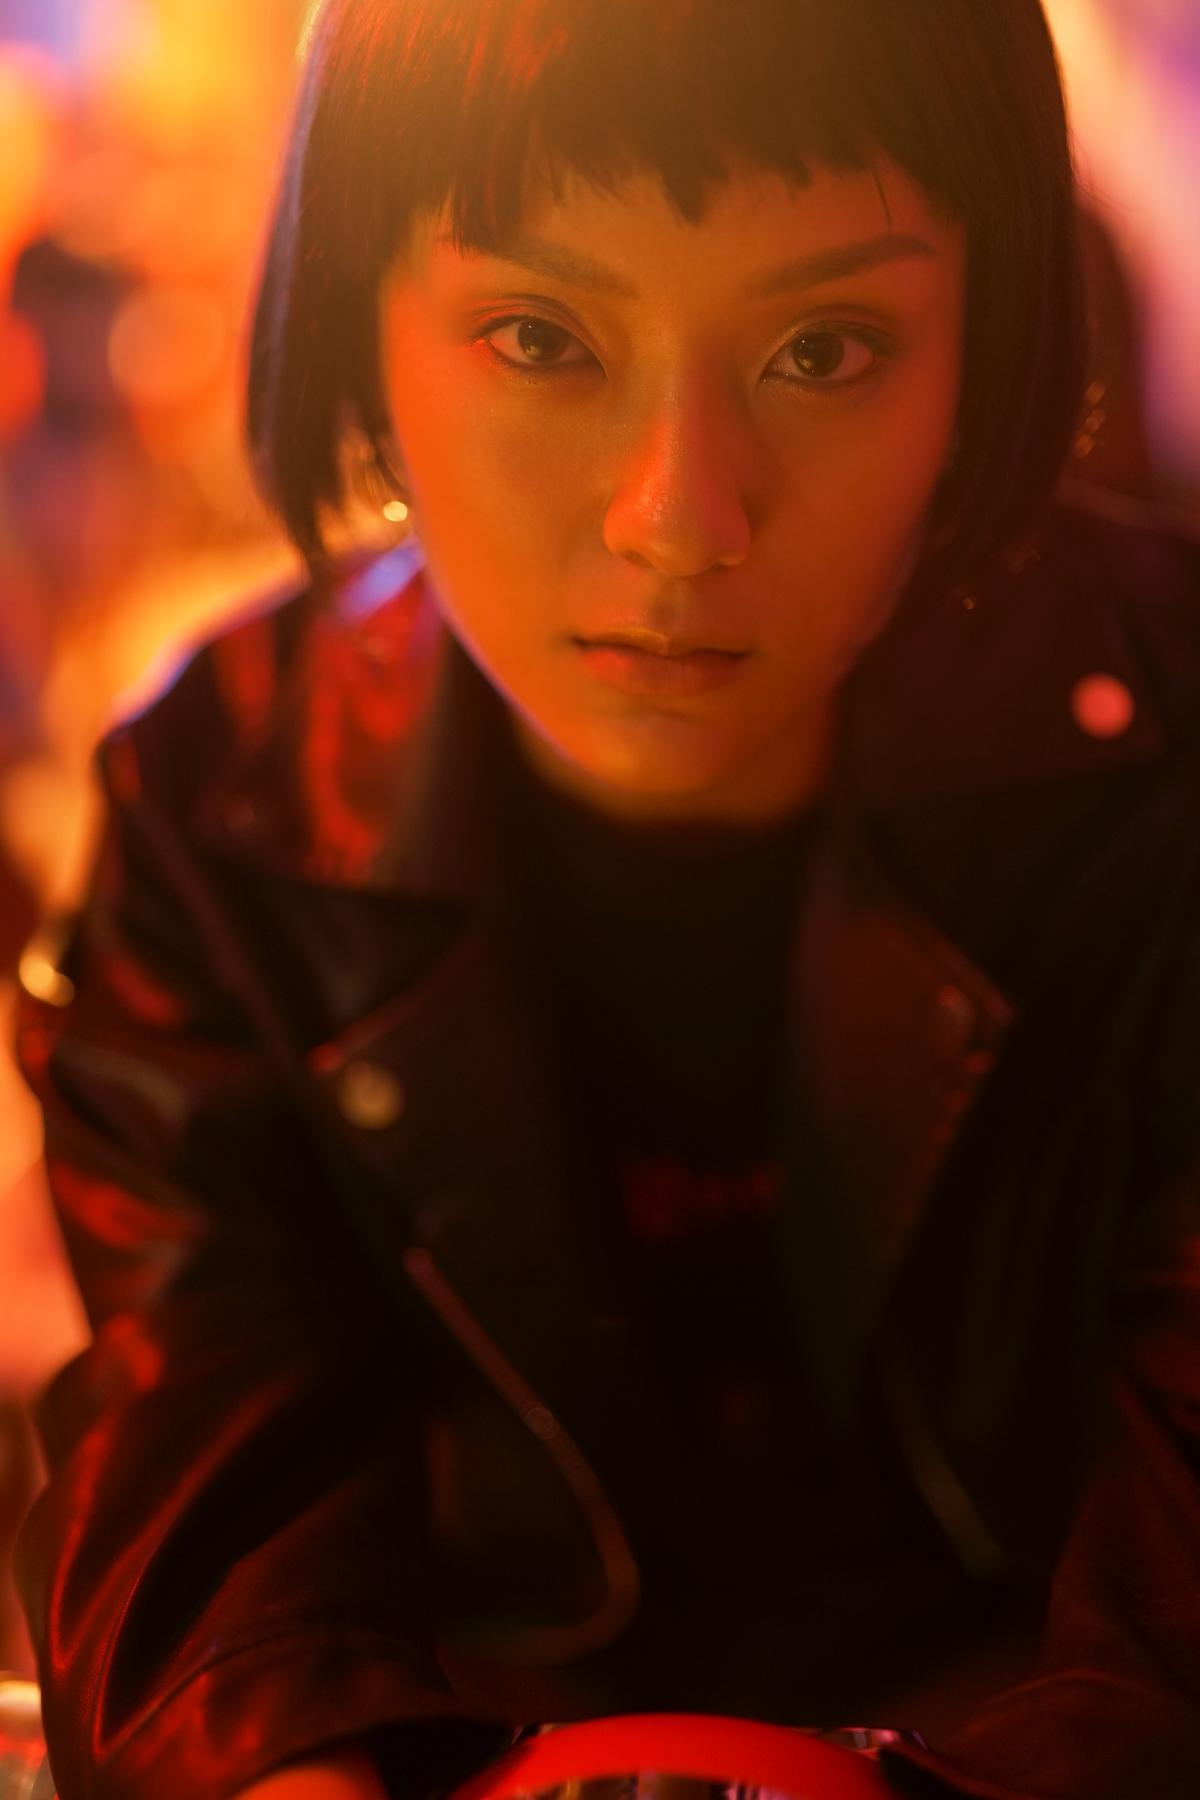 Nhạc hay, MV chất, sản phẩm kết hợp của Da LAB và Tóc Tiên đạt top 1 trending YouTube